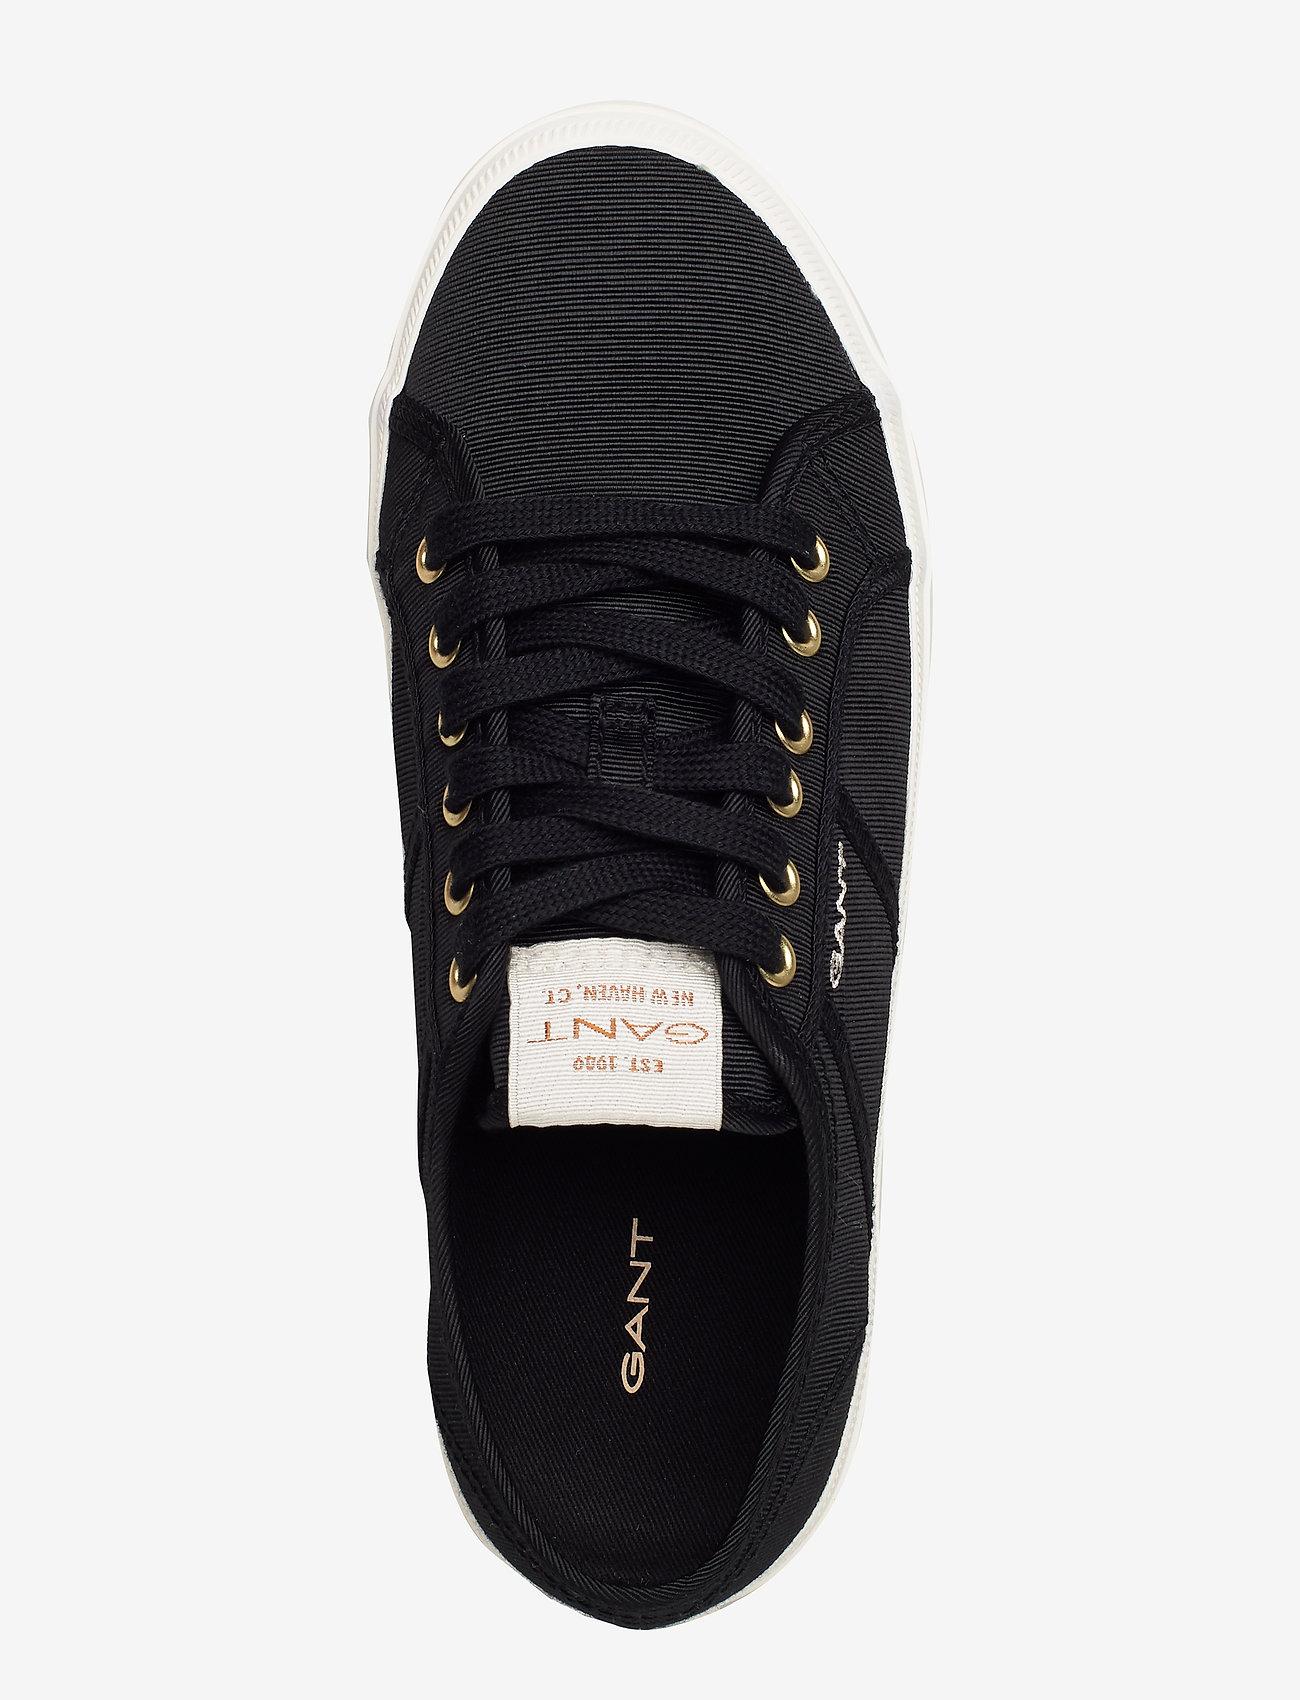 Pinestreet Low Laceshoes (Black) (41.97 €) - GANT f1RUb